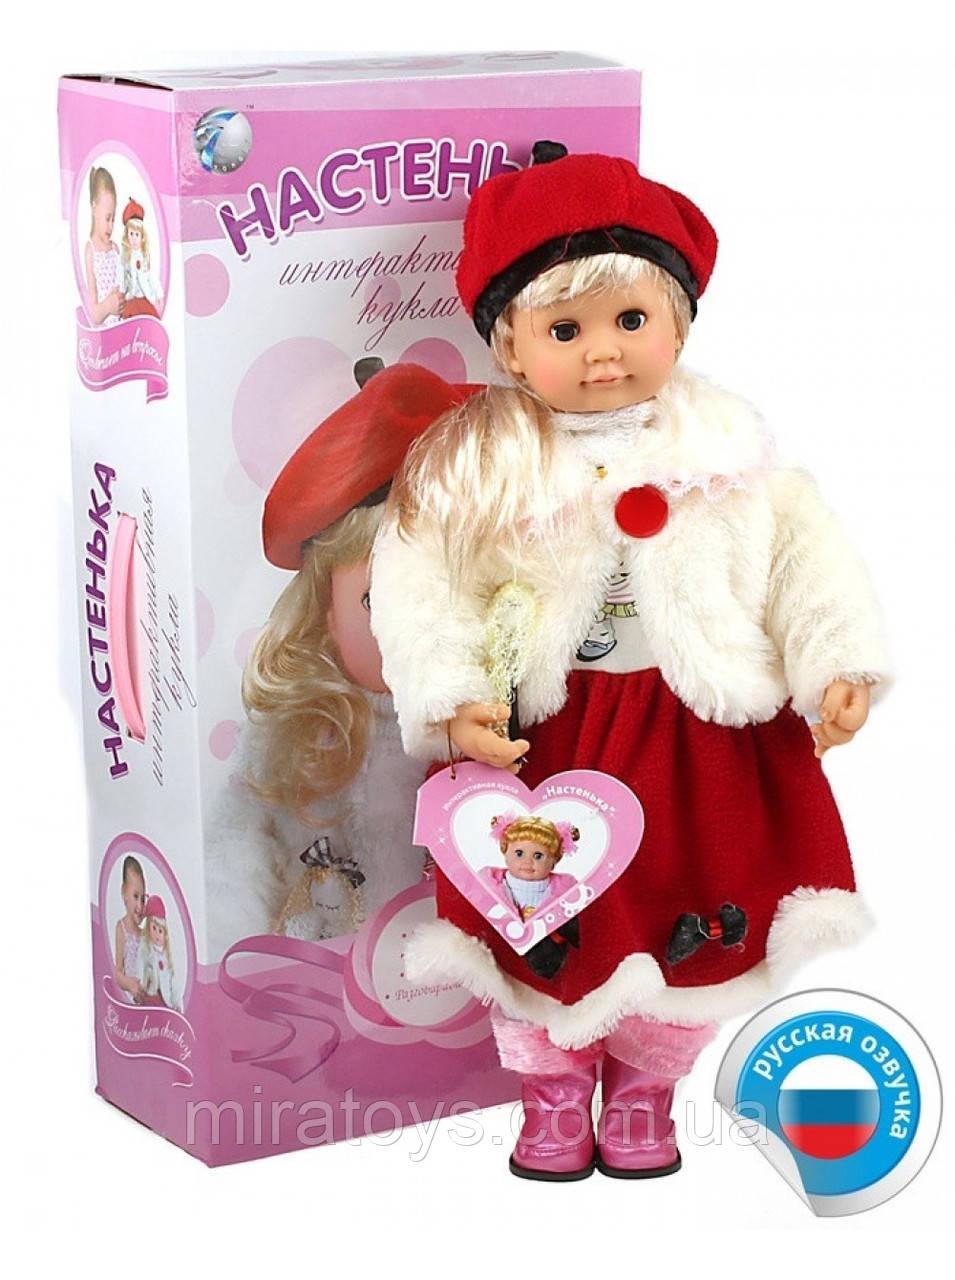 ✅Говорящая кукла Настенька. Умная кукла Настенька. Интерактивная кукла Настенька